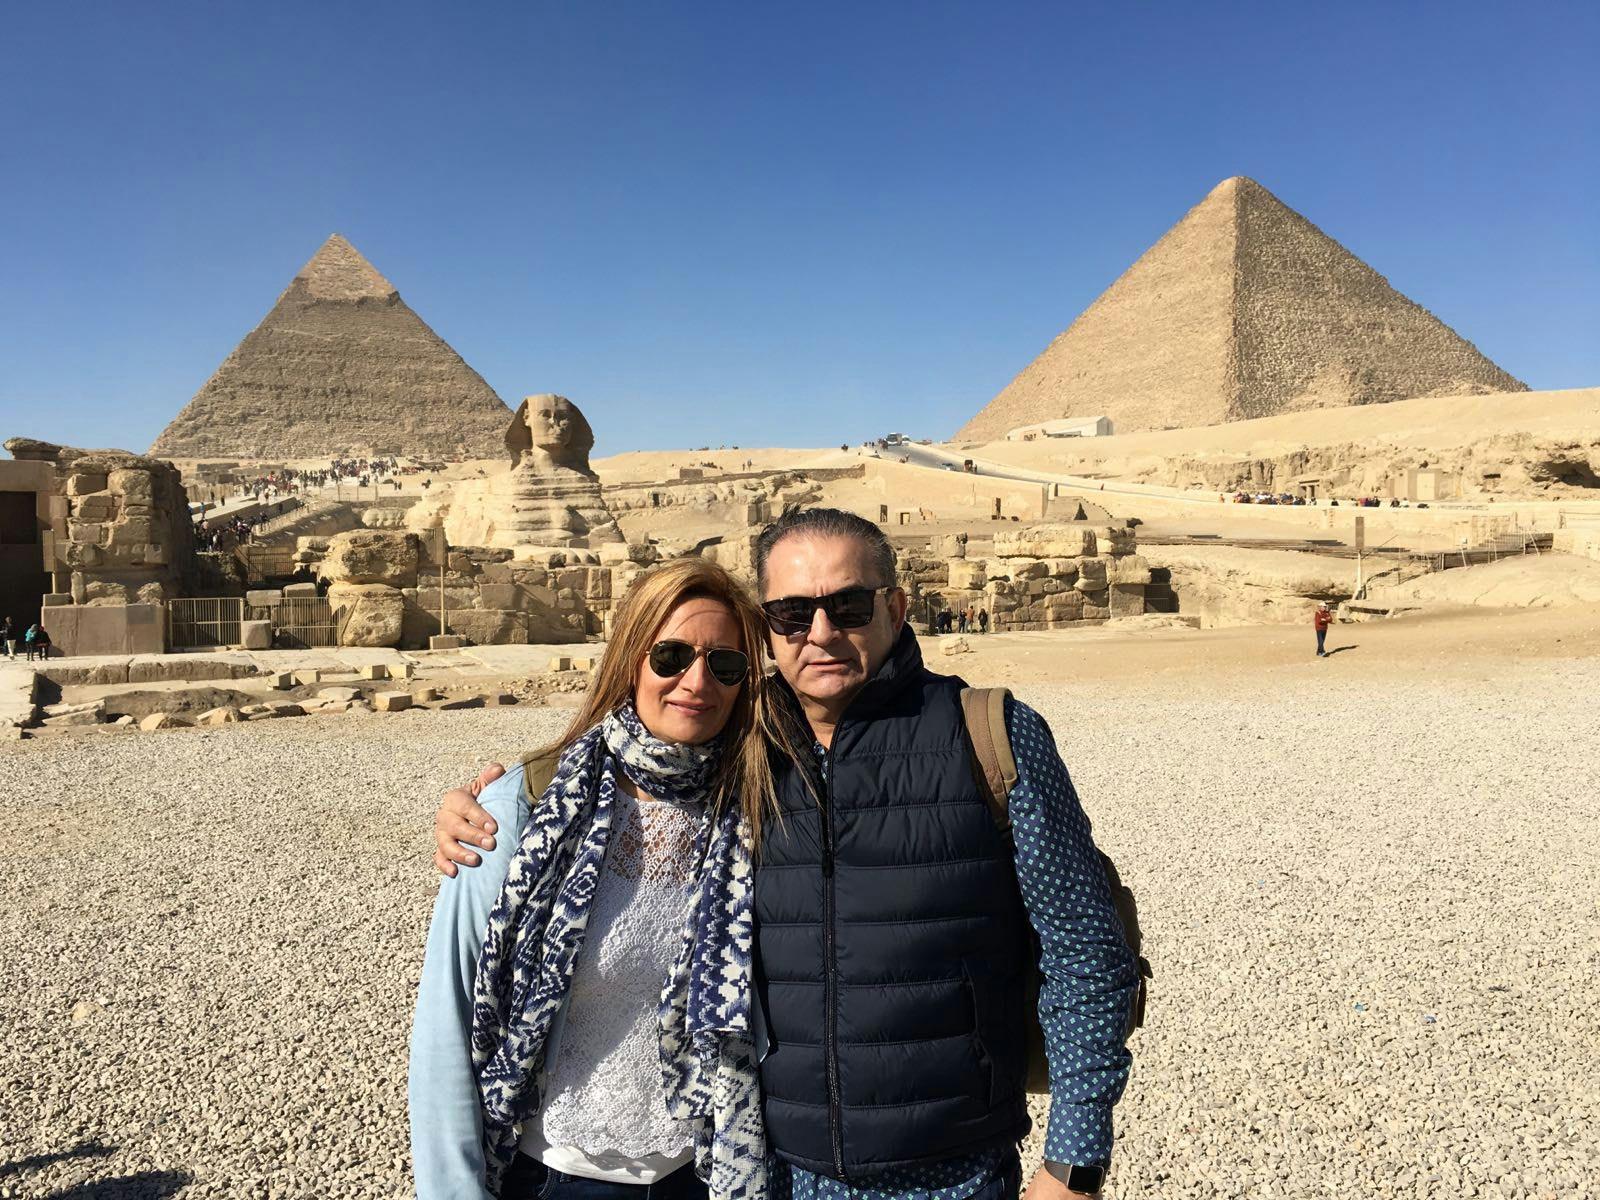 Nando y Tina en la explanada de Guiza con la esfinge y las piramides al fondo.